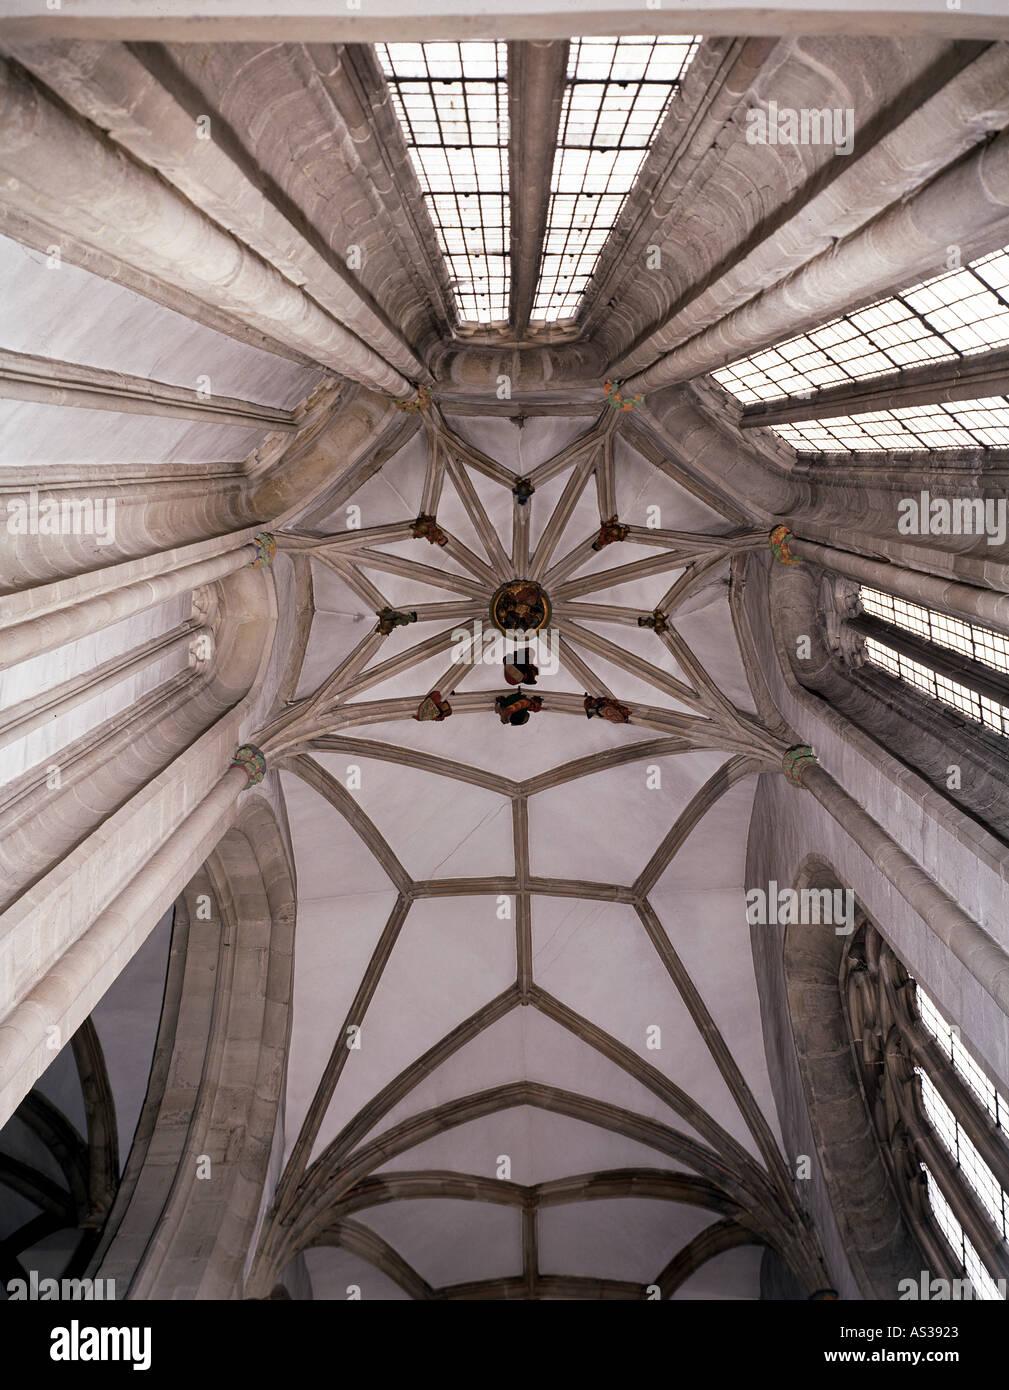 Halle, Moritzkirche, Gewölbe im nördlichen Nebenchor - Stock Image